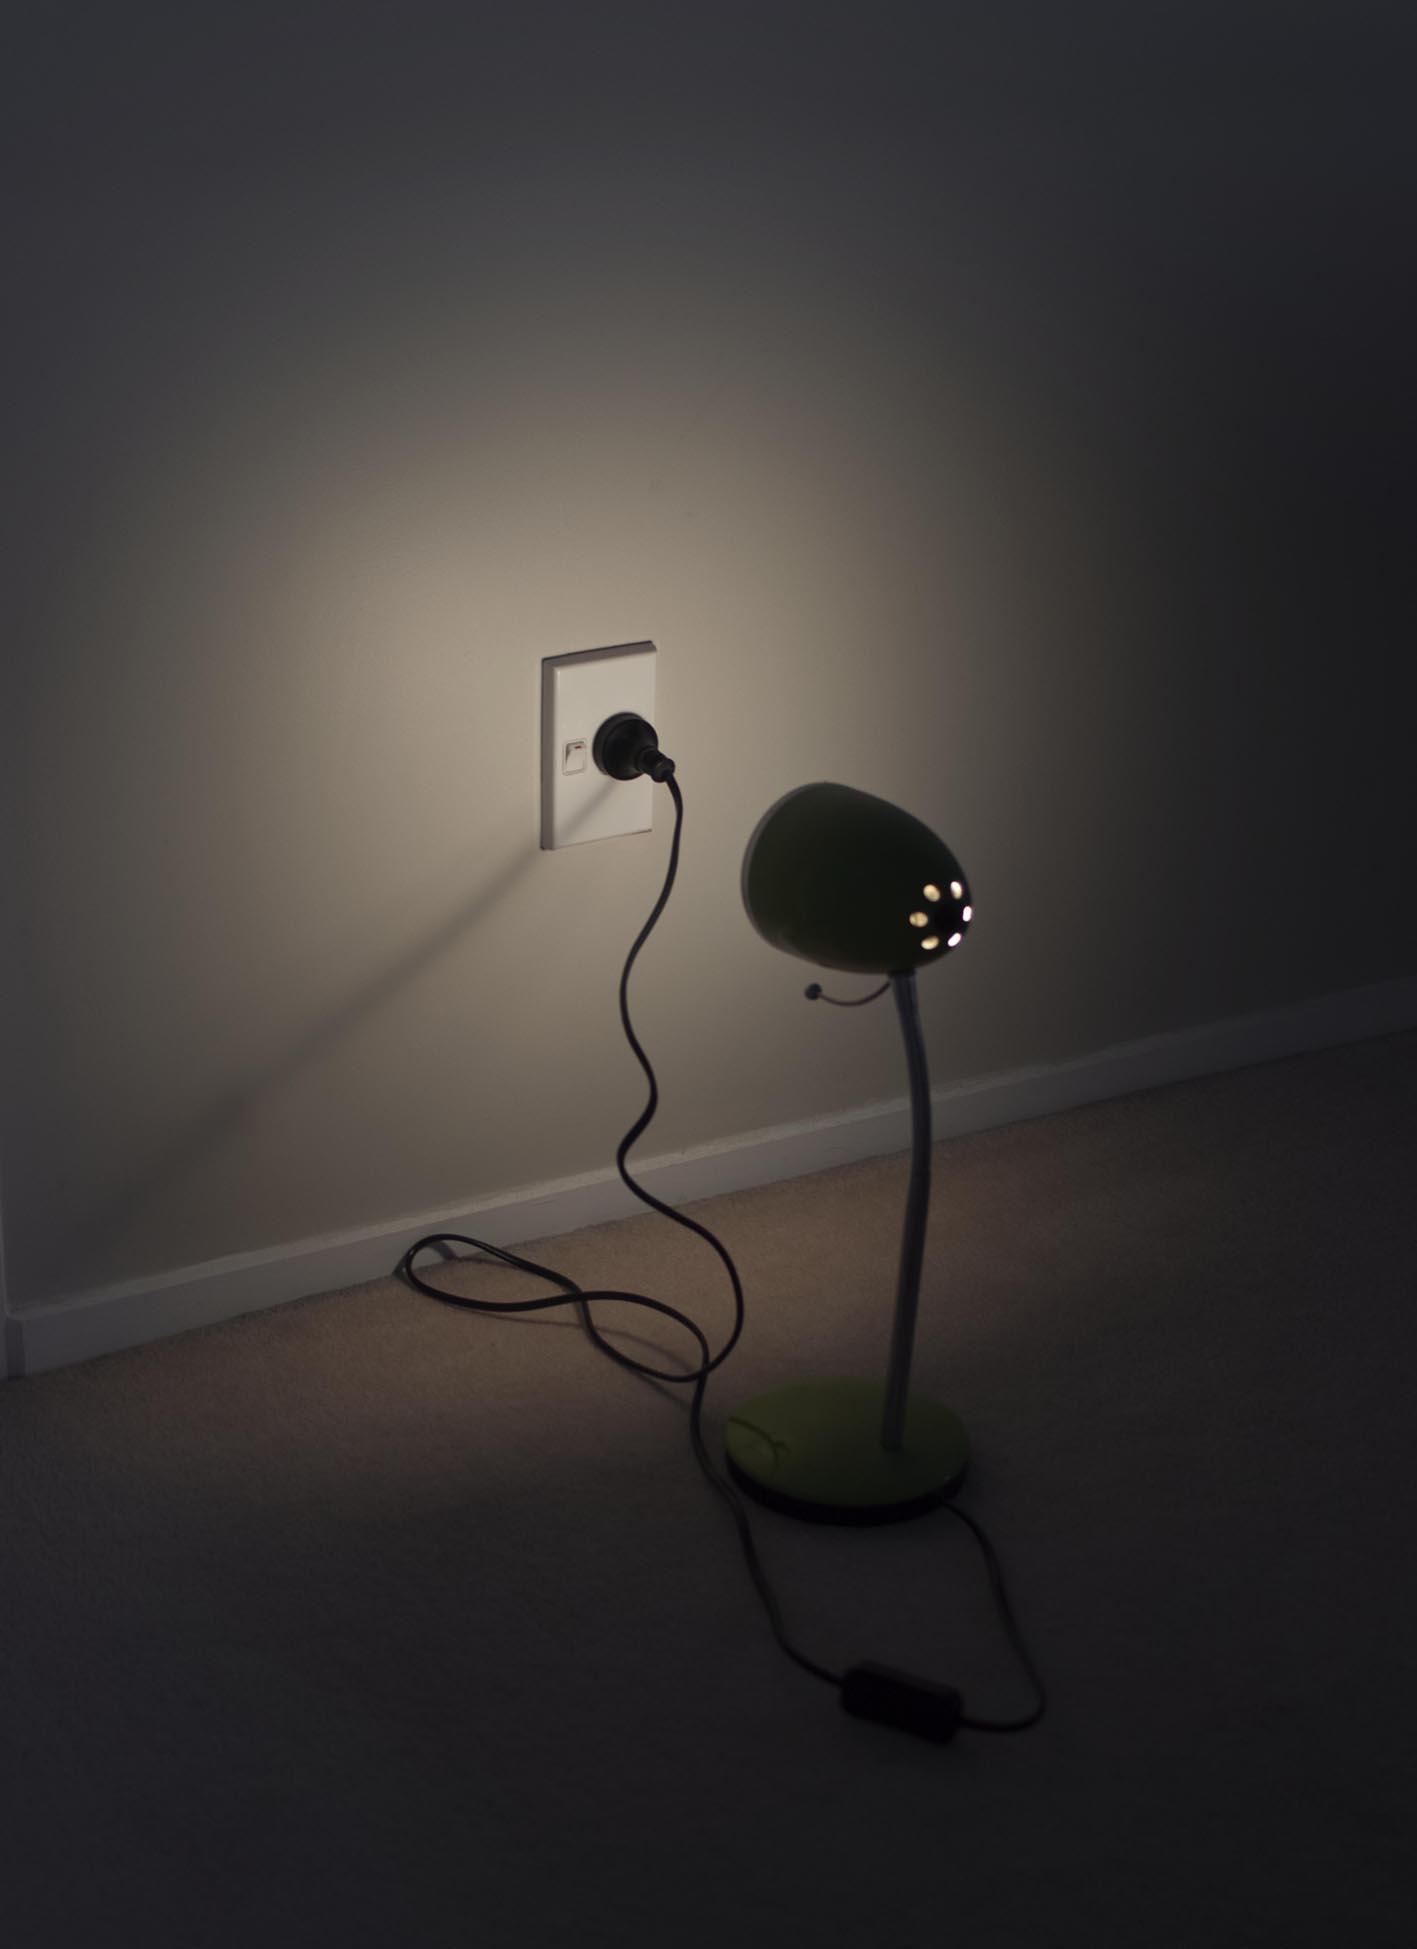 locus suspectus (lamp)